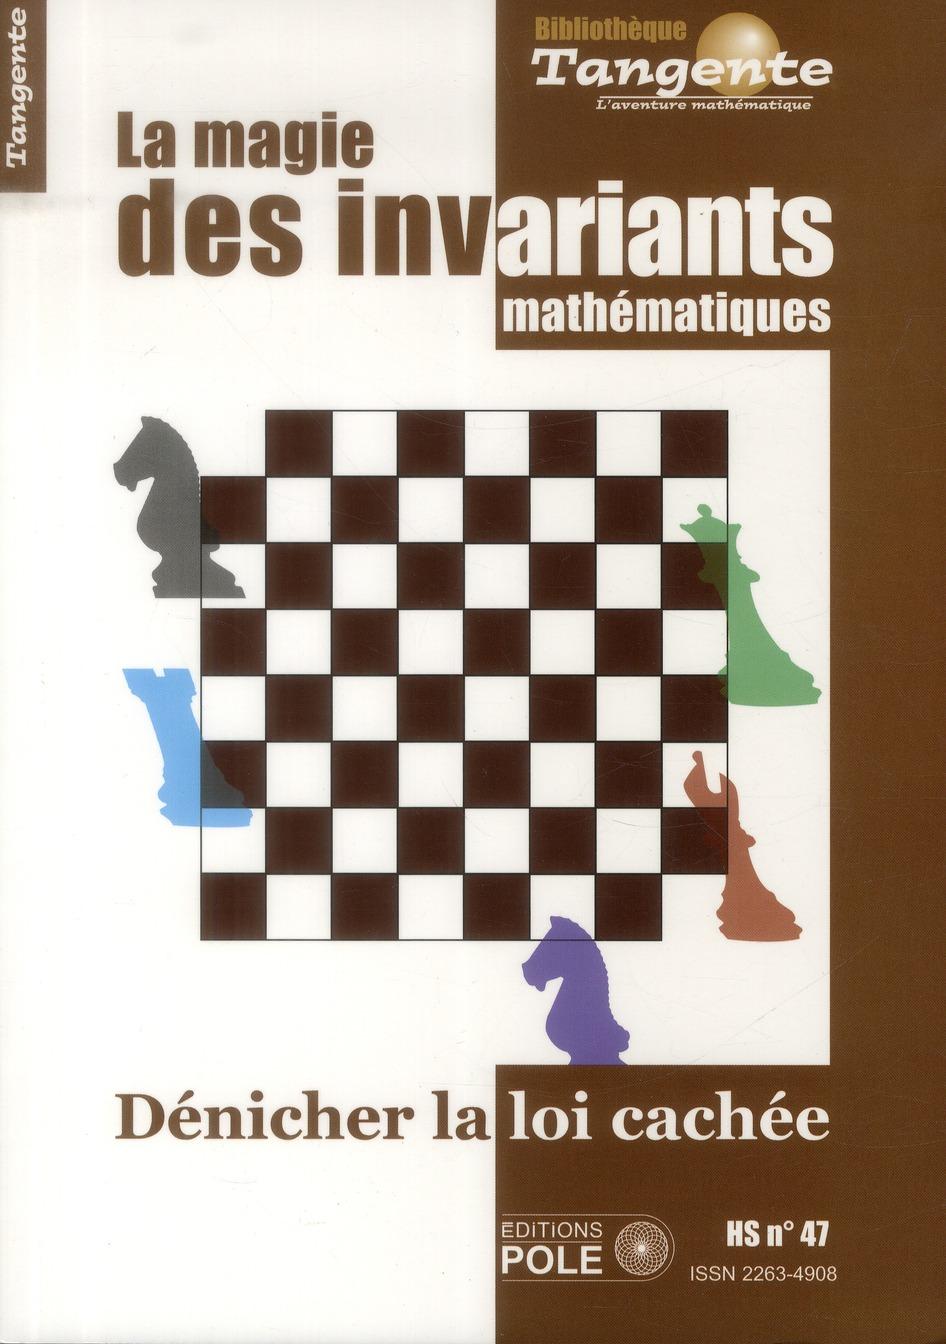 La magie des invariants ; a la recherche de ce qui ne change pas.